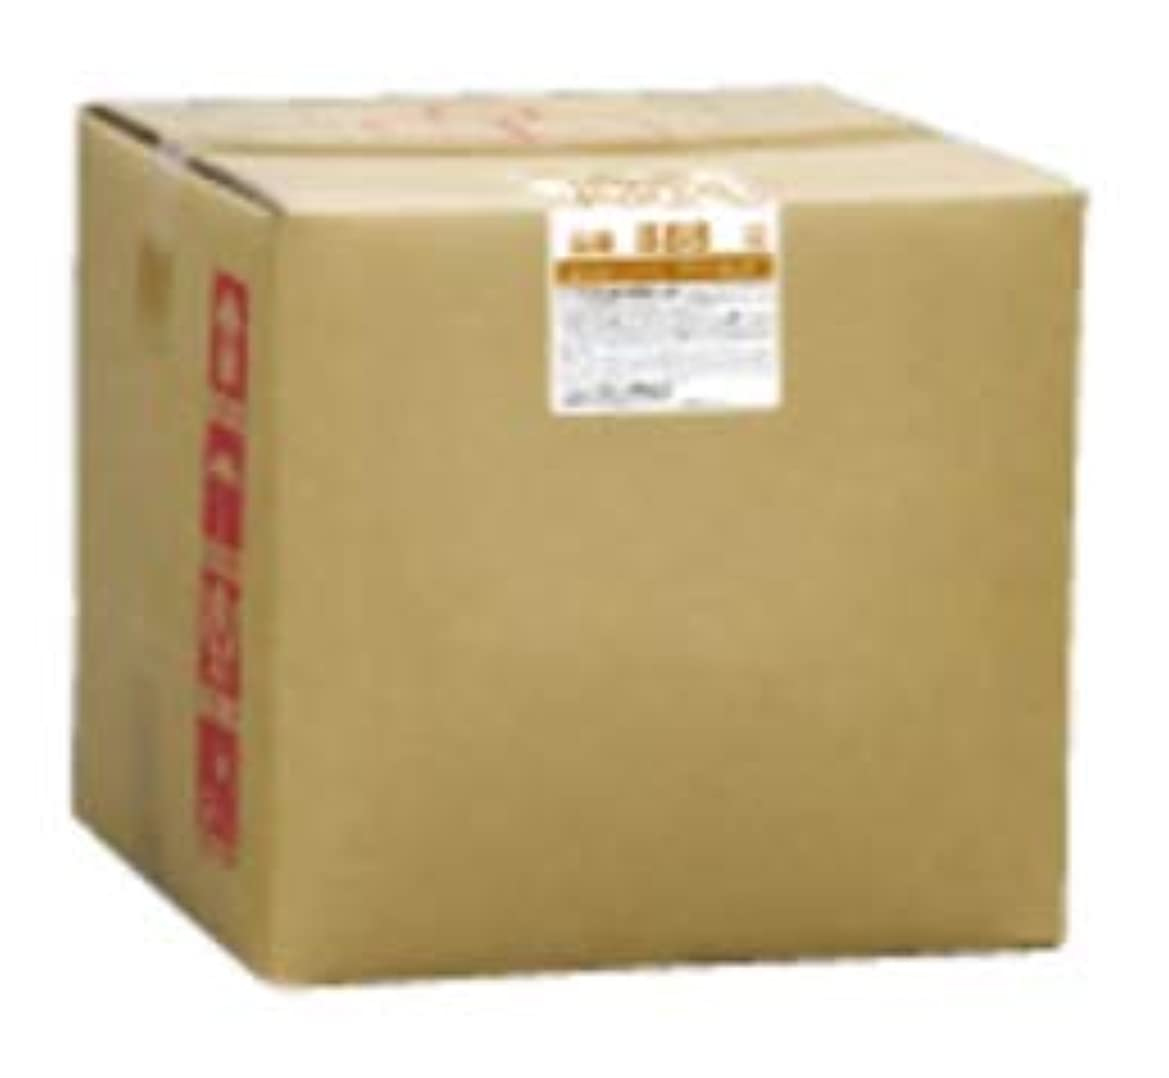 つかいますサンダル変成器フタバ化学 ラコンサ RakhOansat コンディショナー 18L 詰め替え 480ml専用空容器付